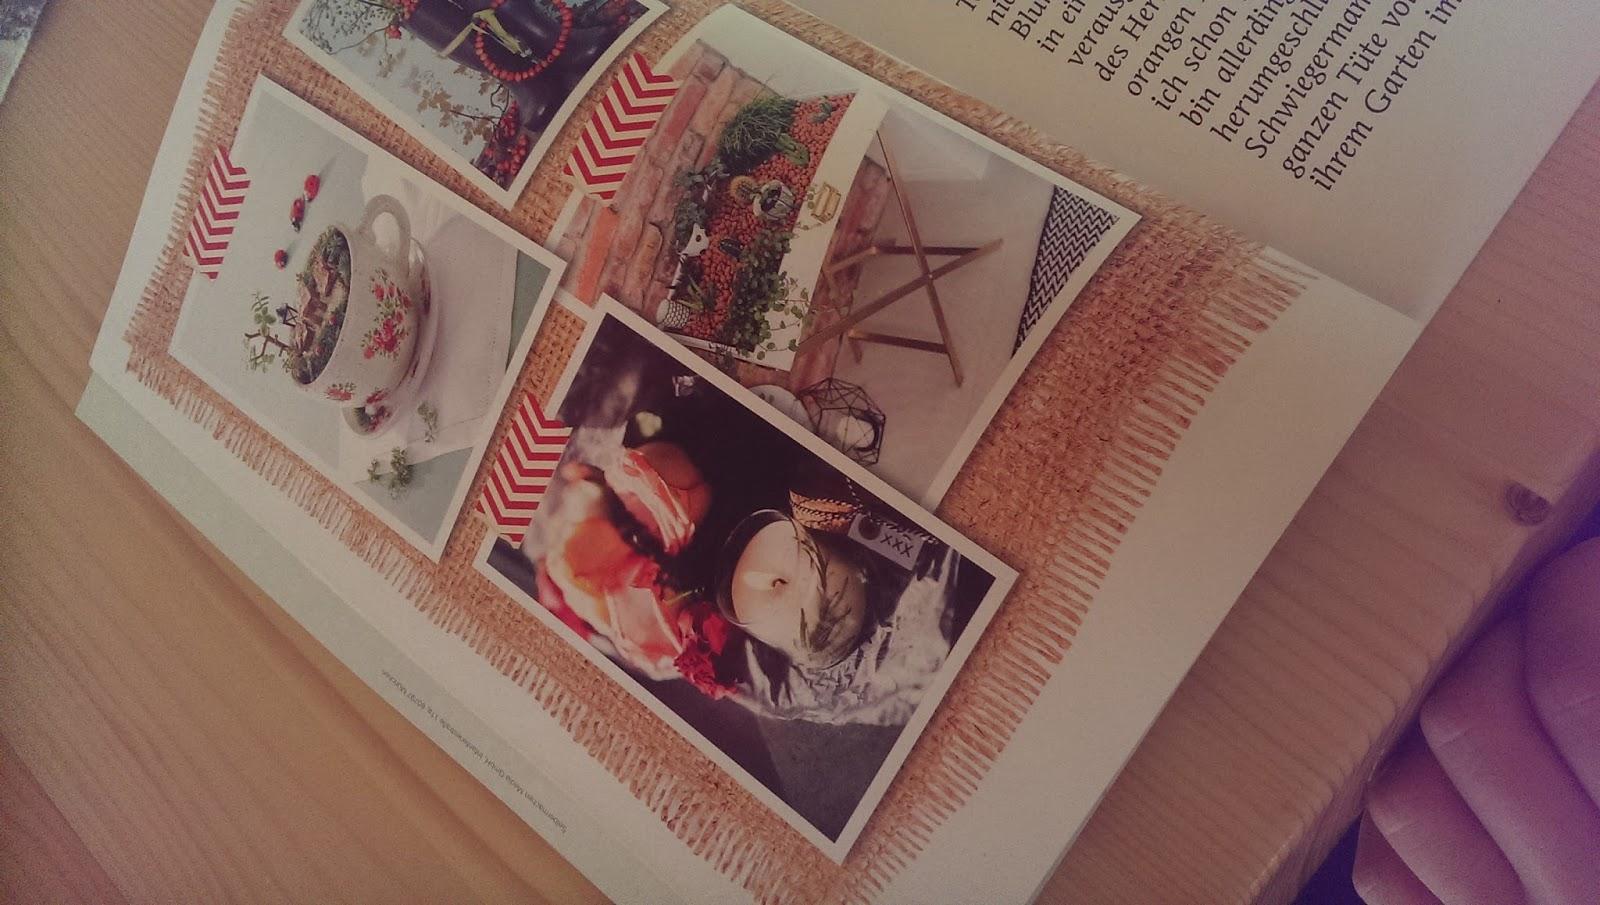 Zeitschrift Selbst Gemacht te s bücherblog zeitschrift selbstgemacht